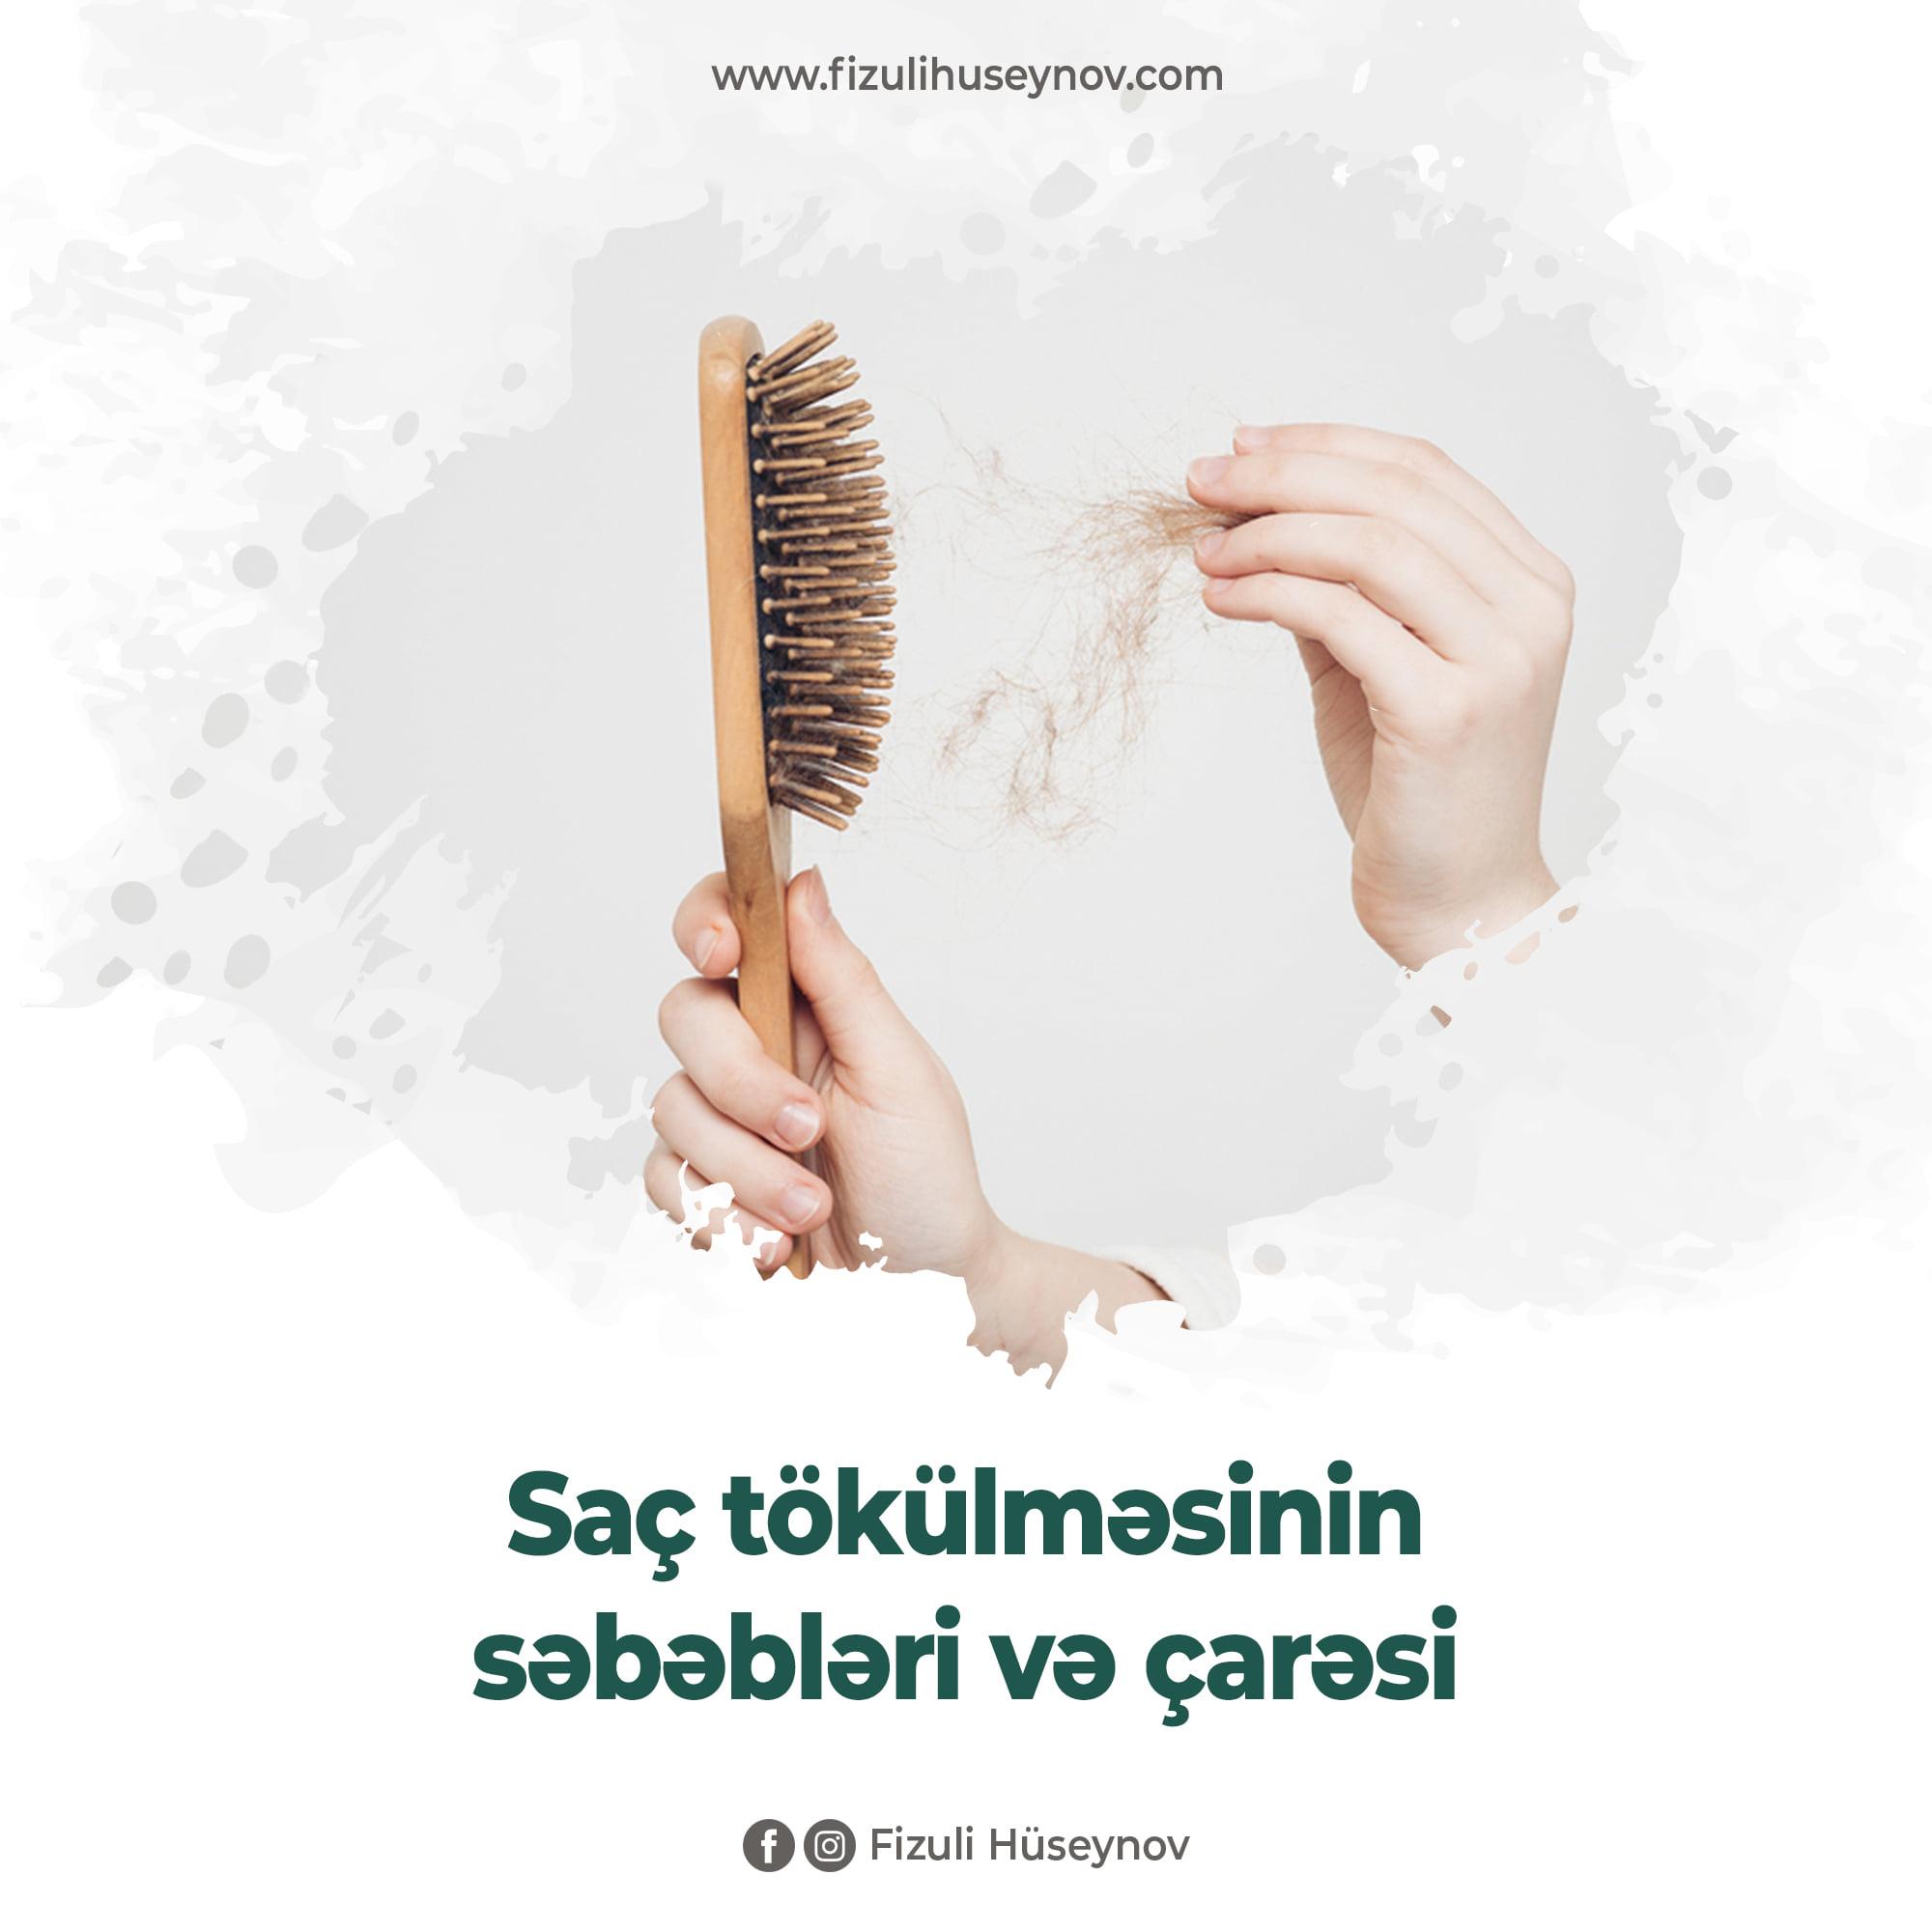 Saç tökülməsinin səbəbləri və ÇARƏSİ/ Müalicəvi resept